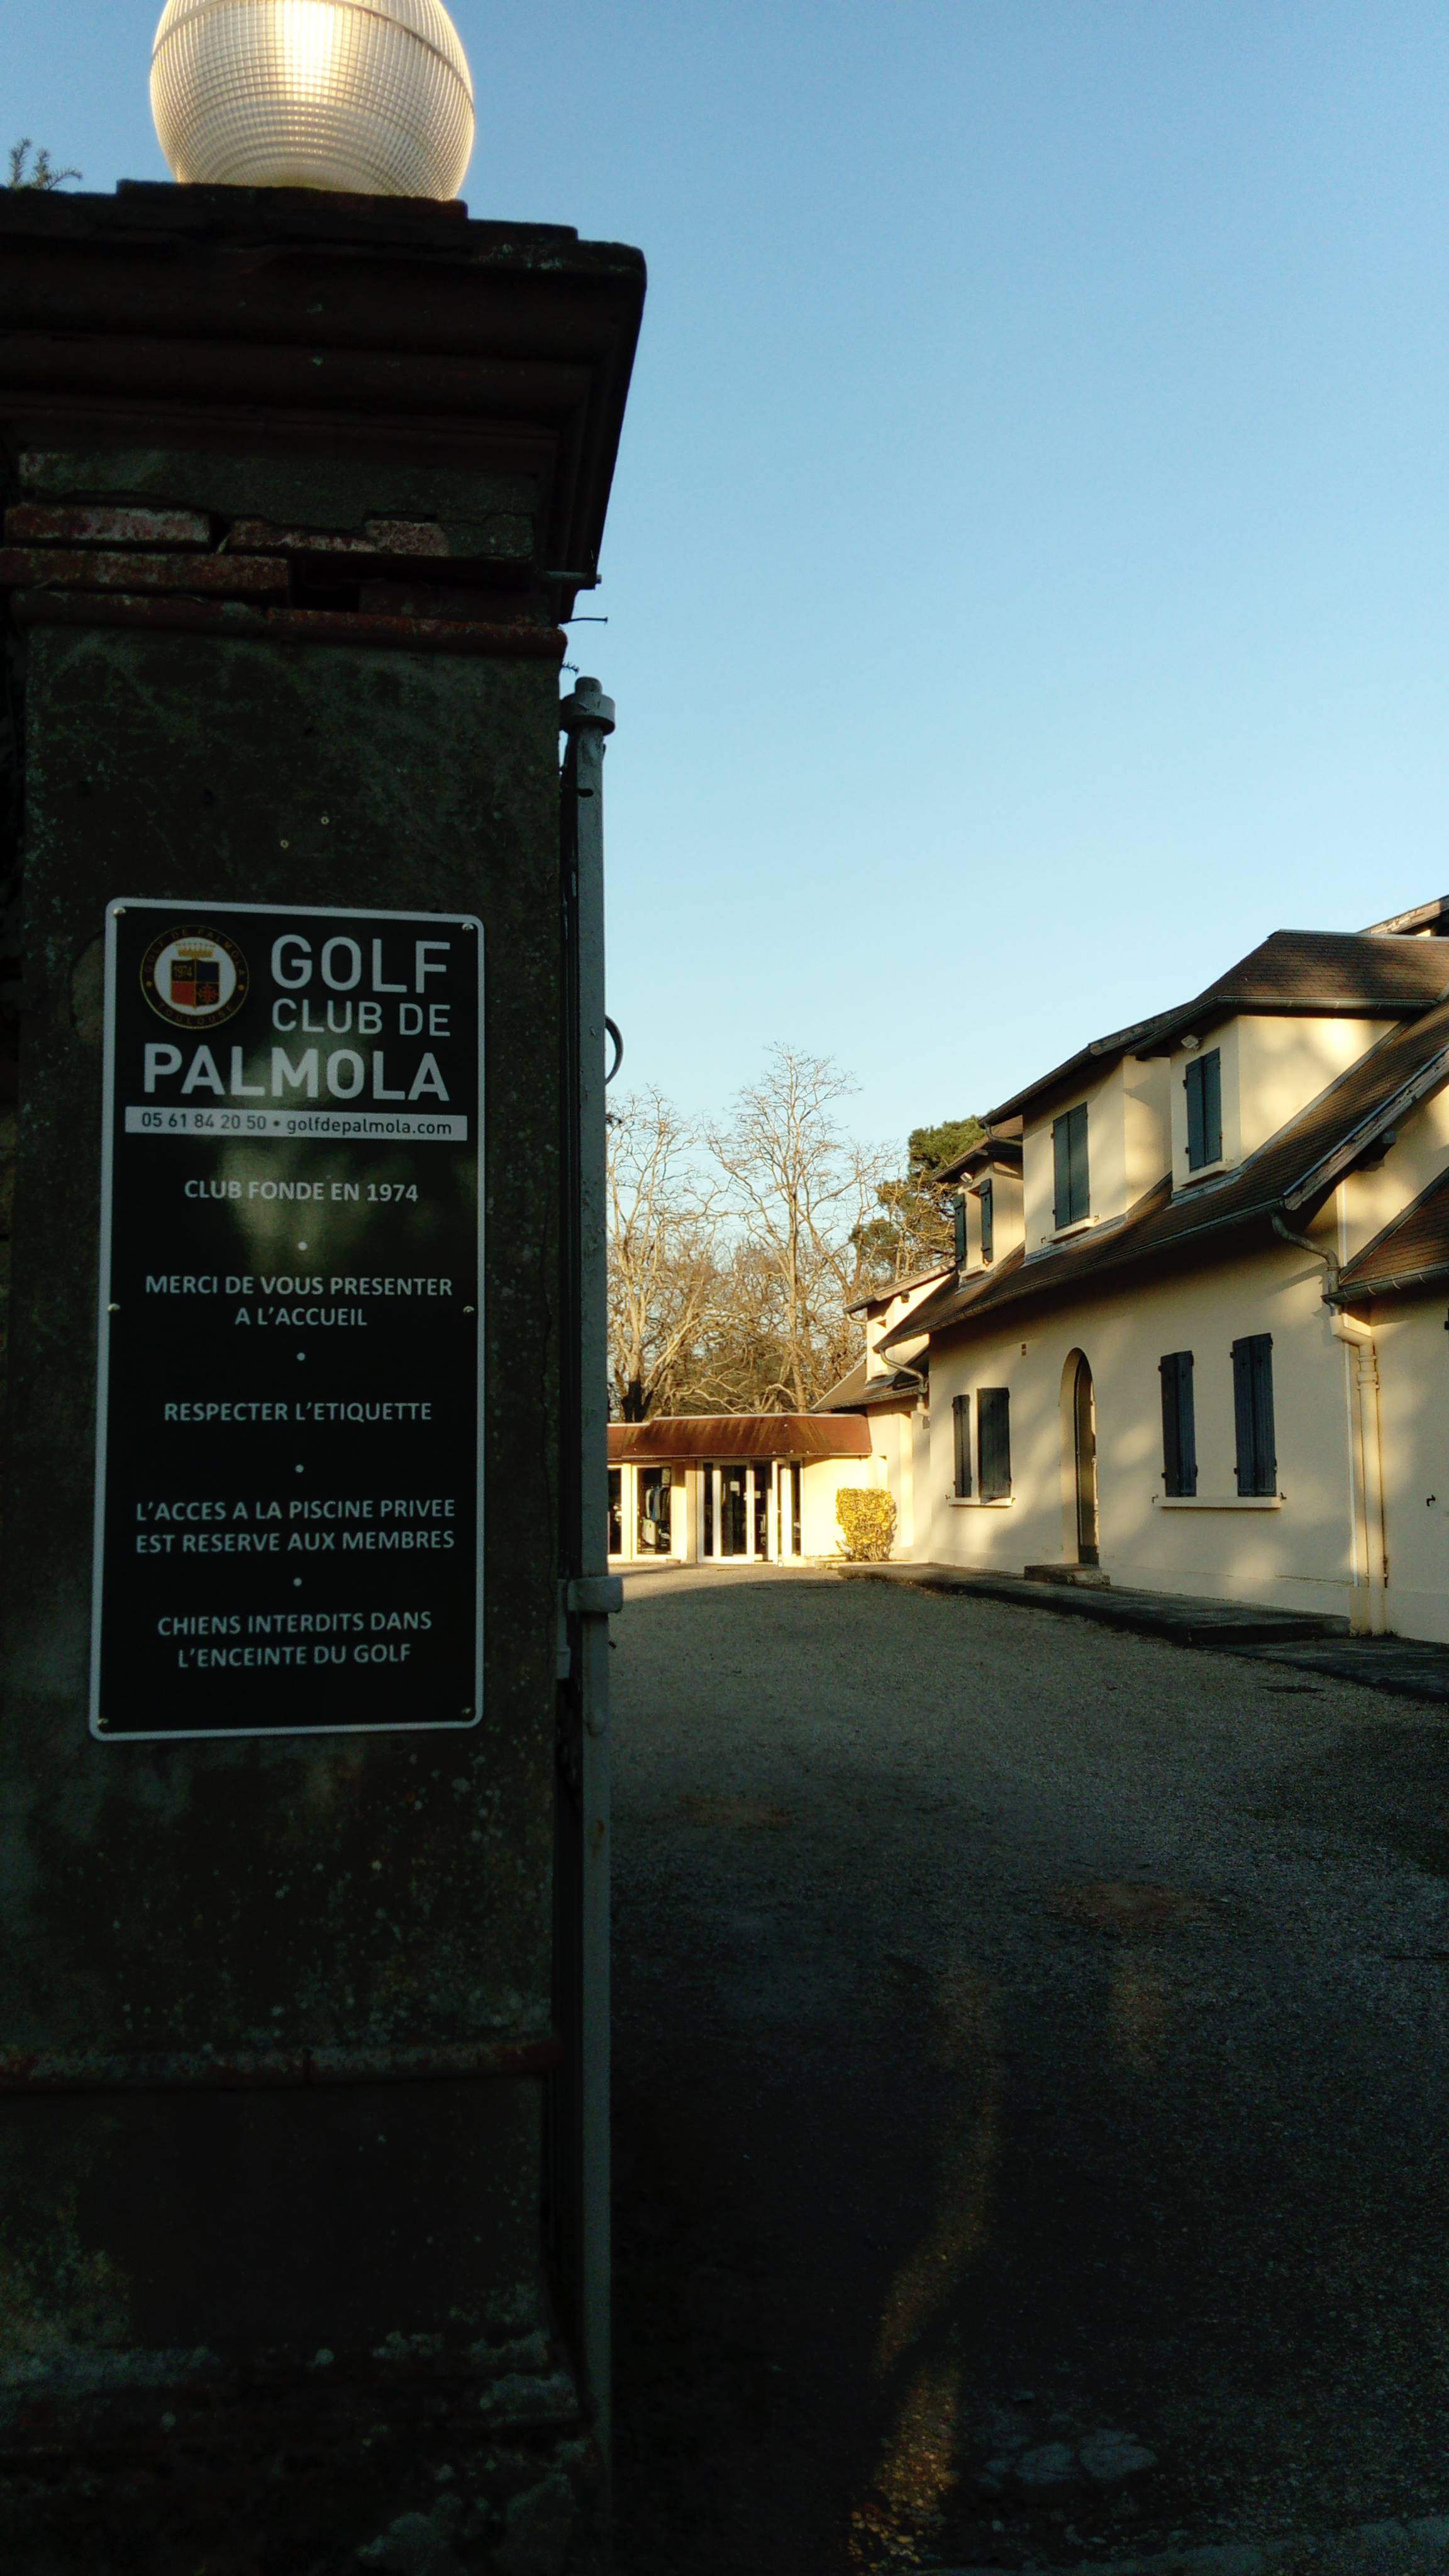 Photo 1: Golf de palmola